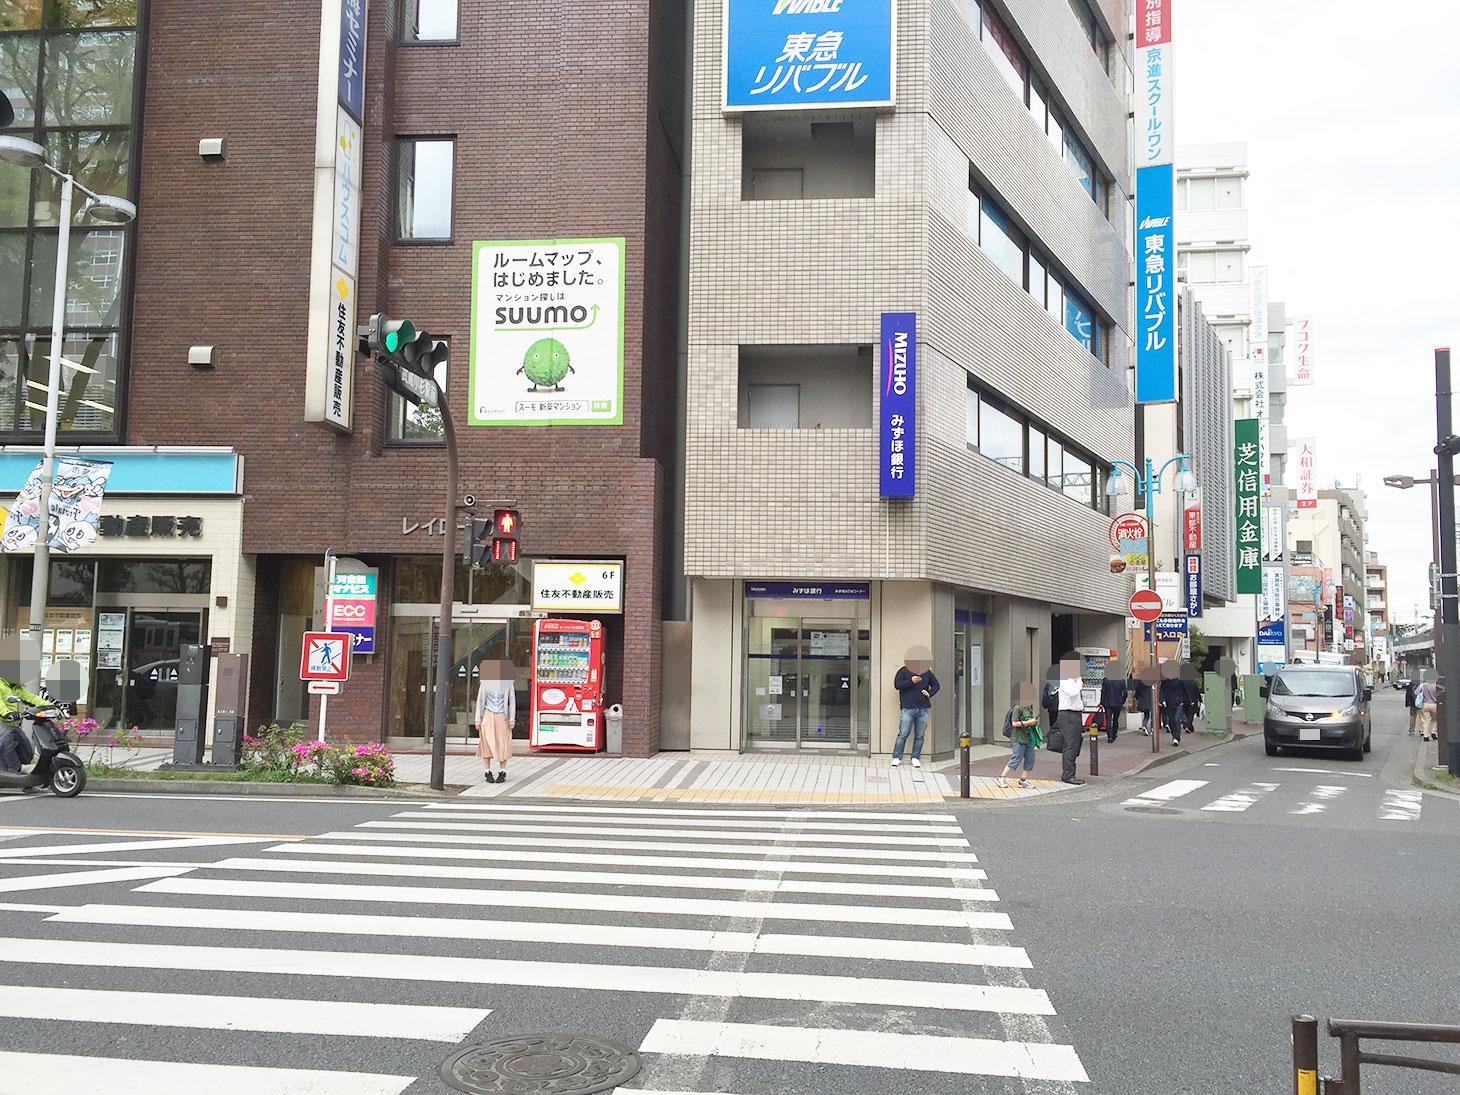 東急 リバブル 武蔵 小杉